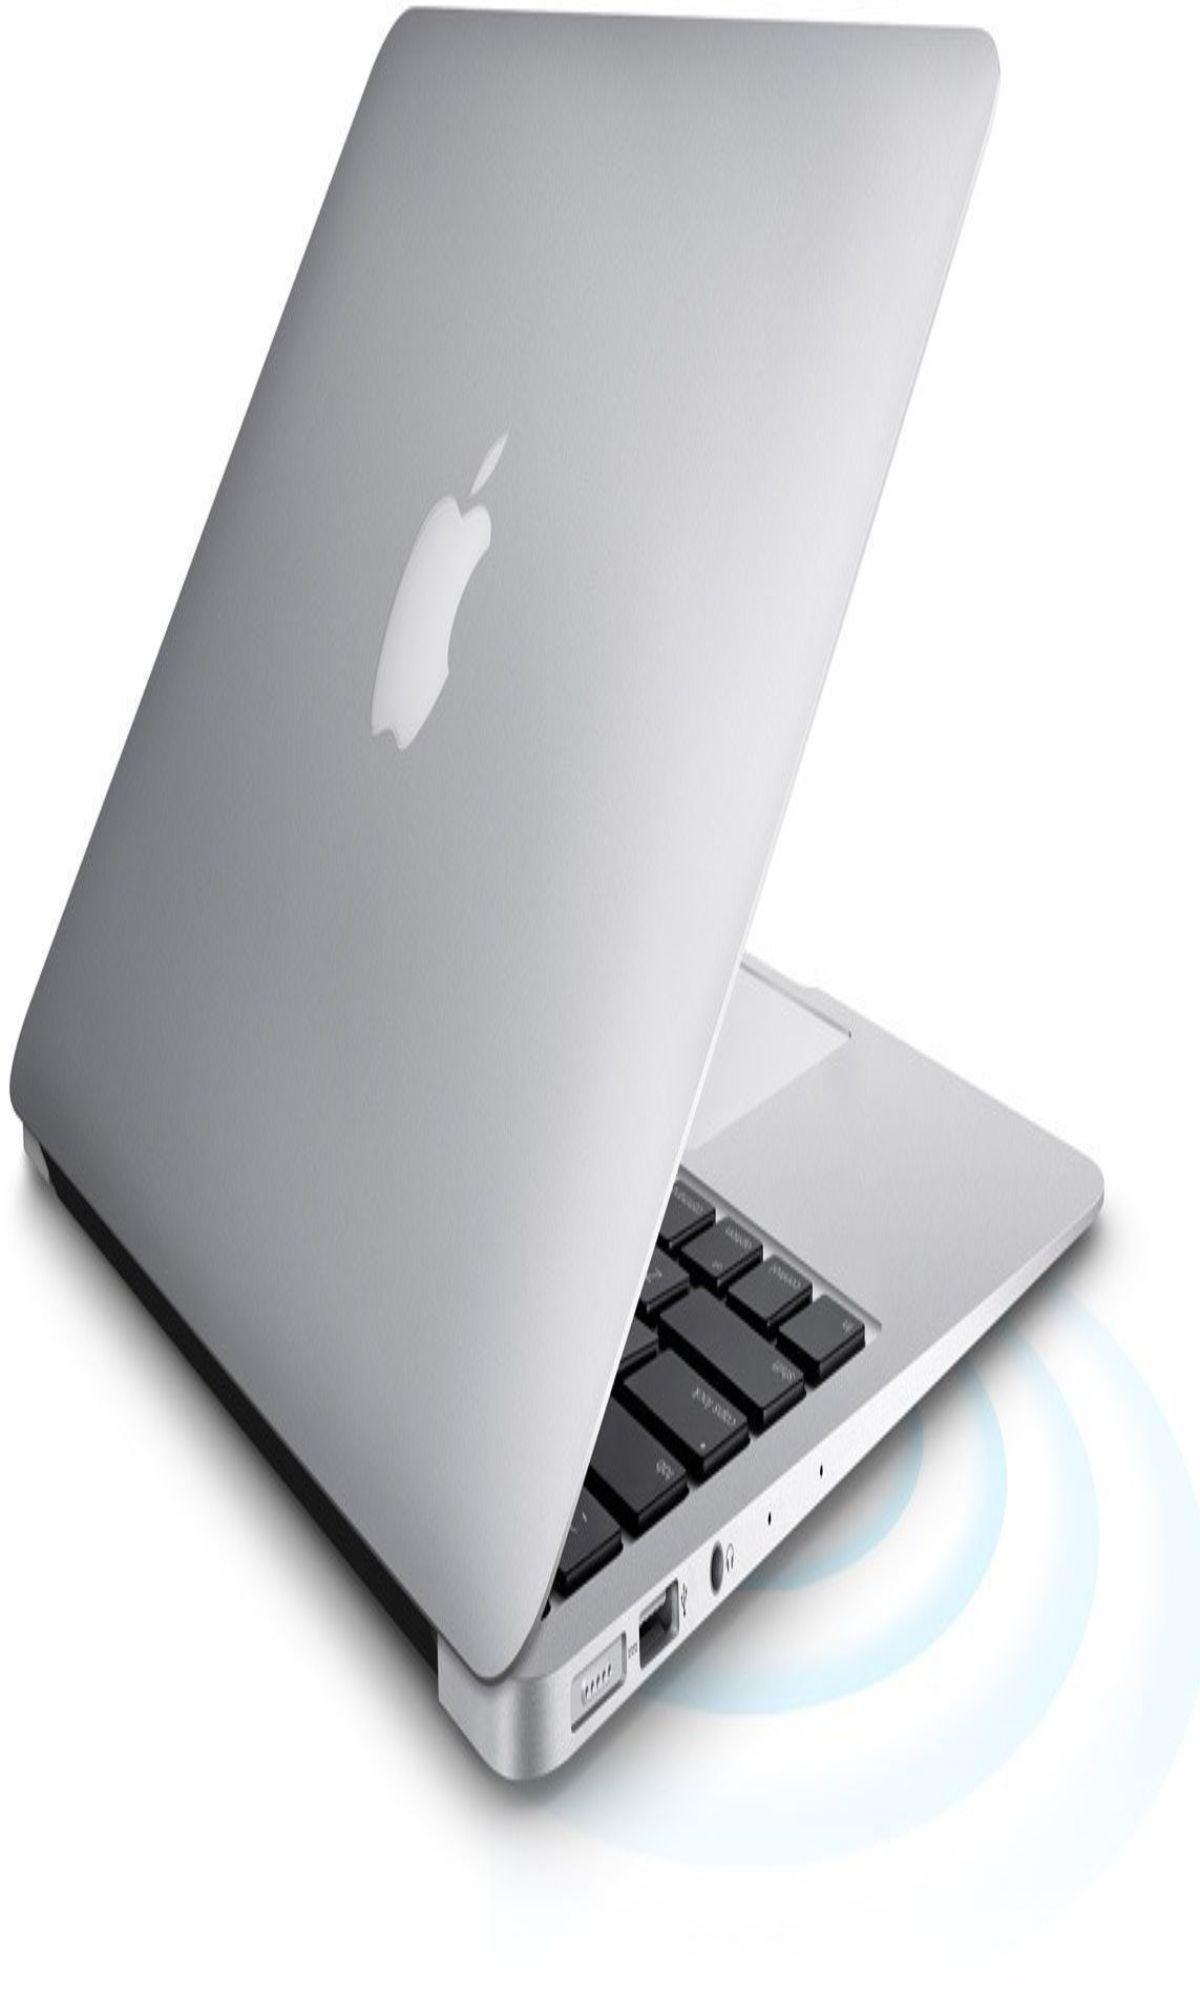 Apple Macbook Air Mjvg2ll A 13 3 Inch 256gb 1 6ghz 4gb Ram Laptop Certified Refurbished Macbookair Apple Apple Macbook Macbook Air Laptop Apple Macbook Air